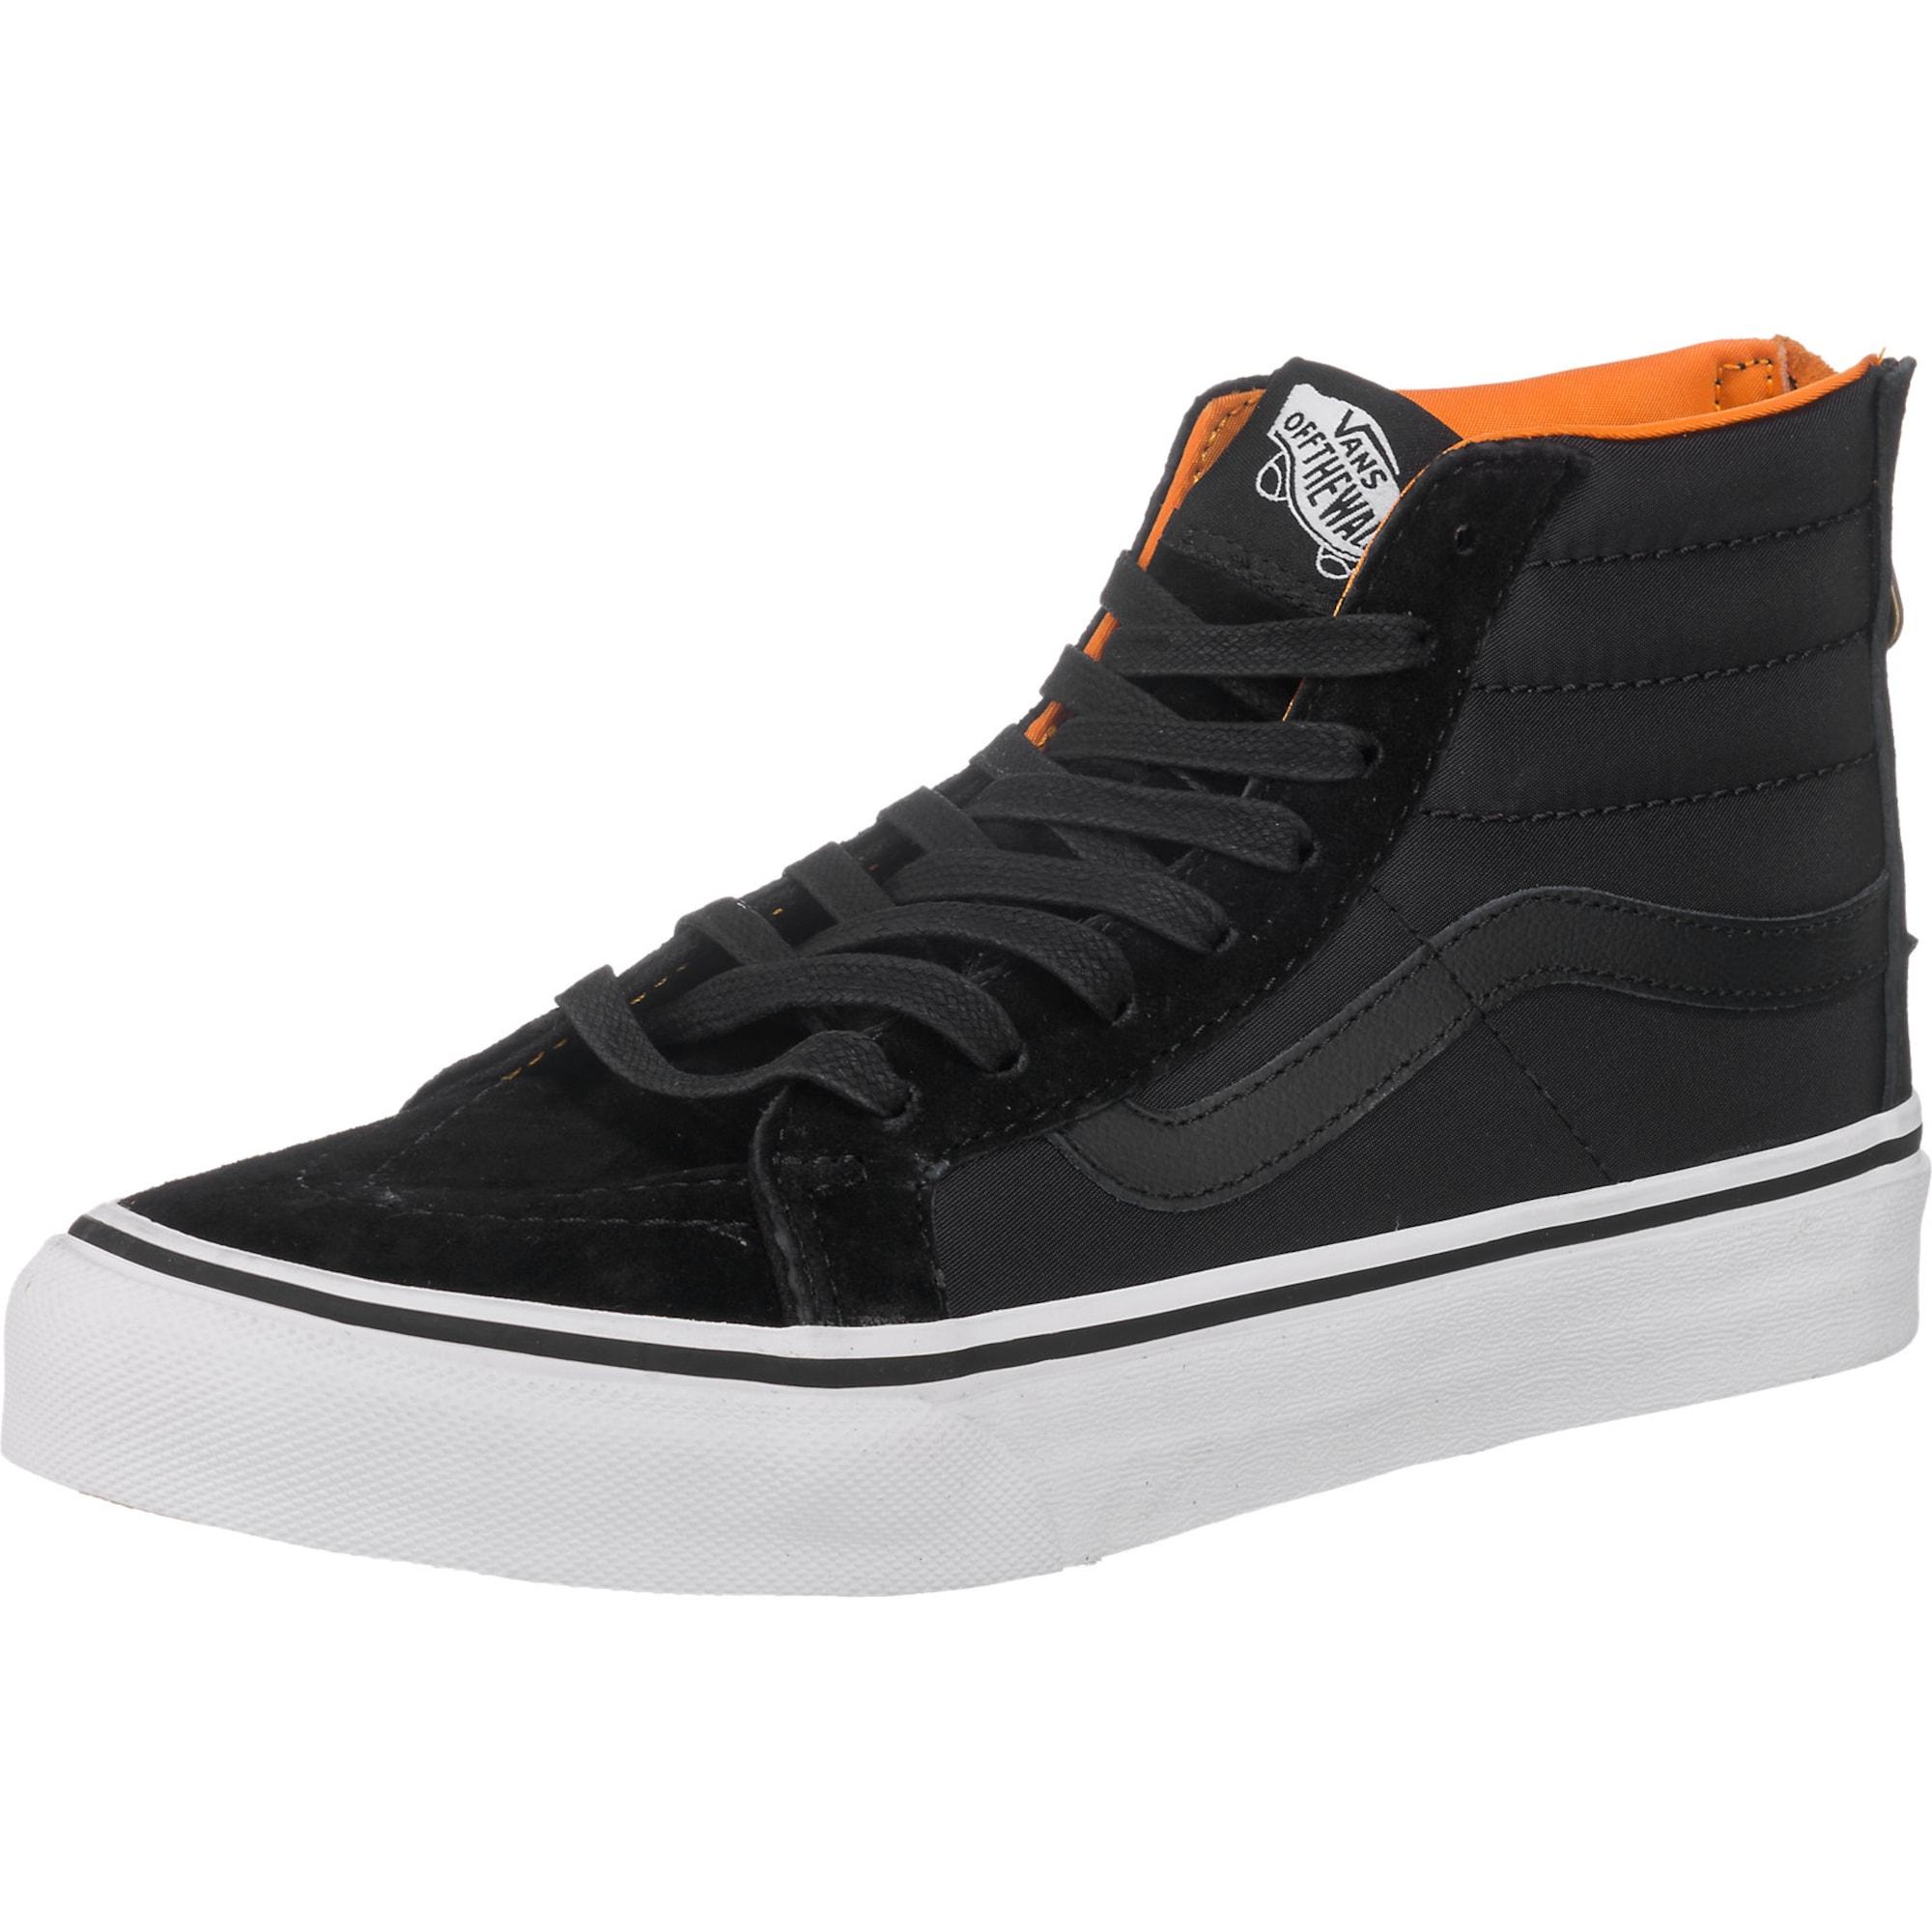 'Sk8-Hi Slim Zip' Sneakers   Schuhe > Sneaker   Orange - Schwarz   Vans